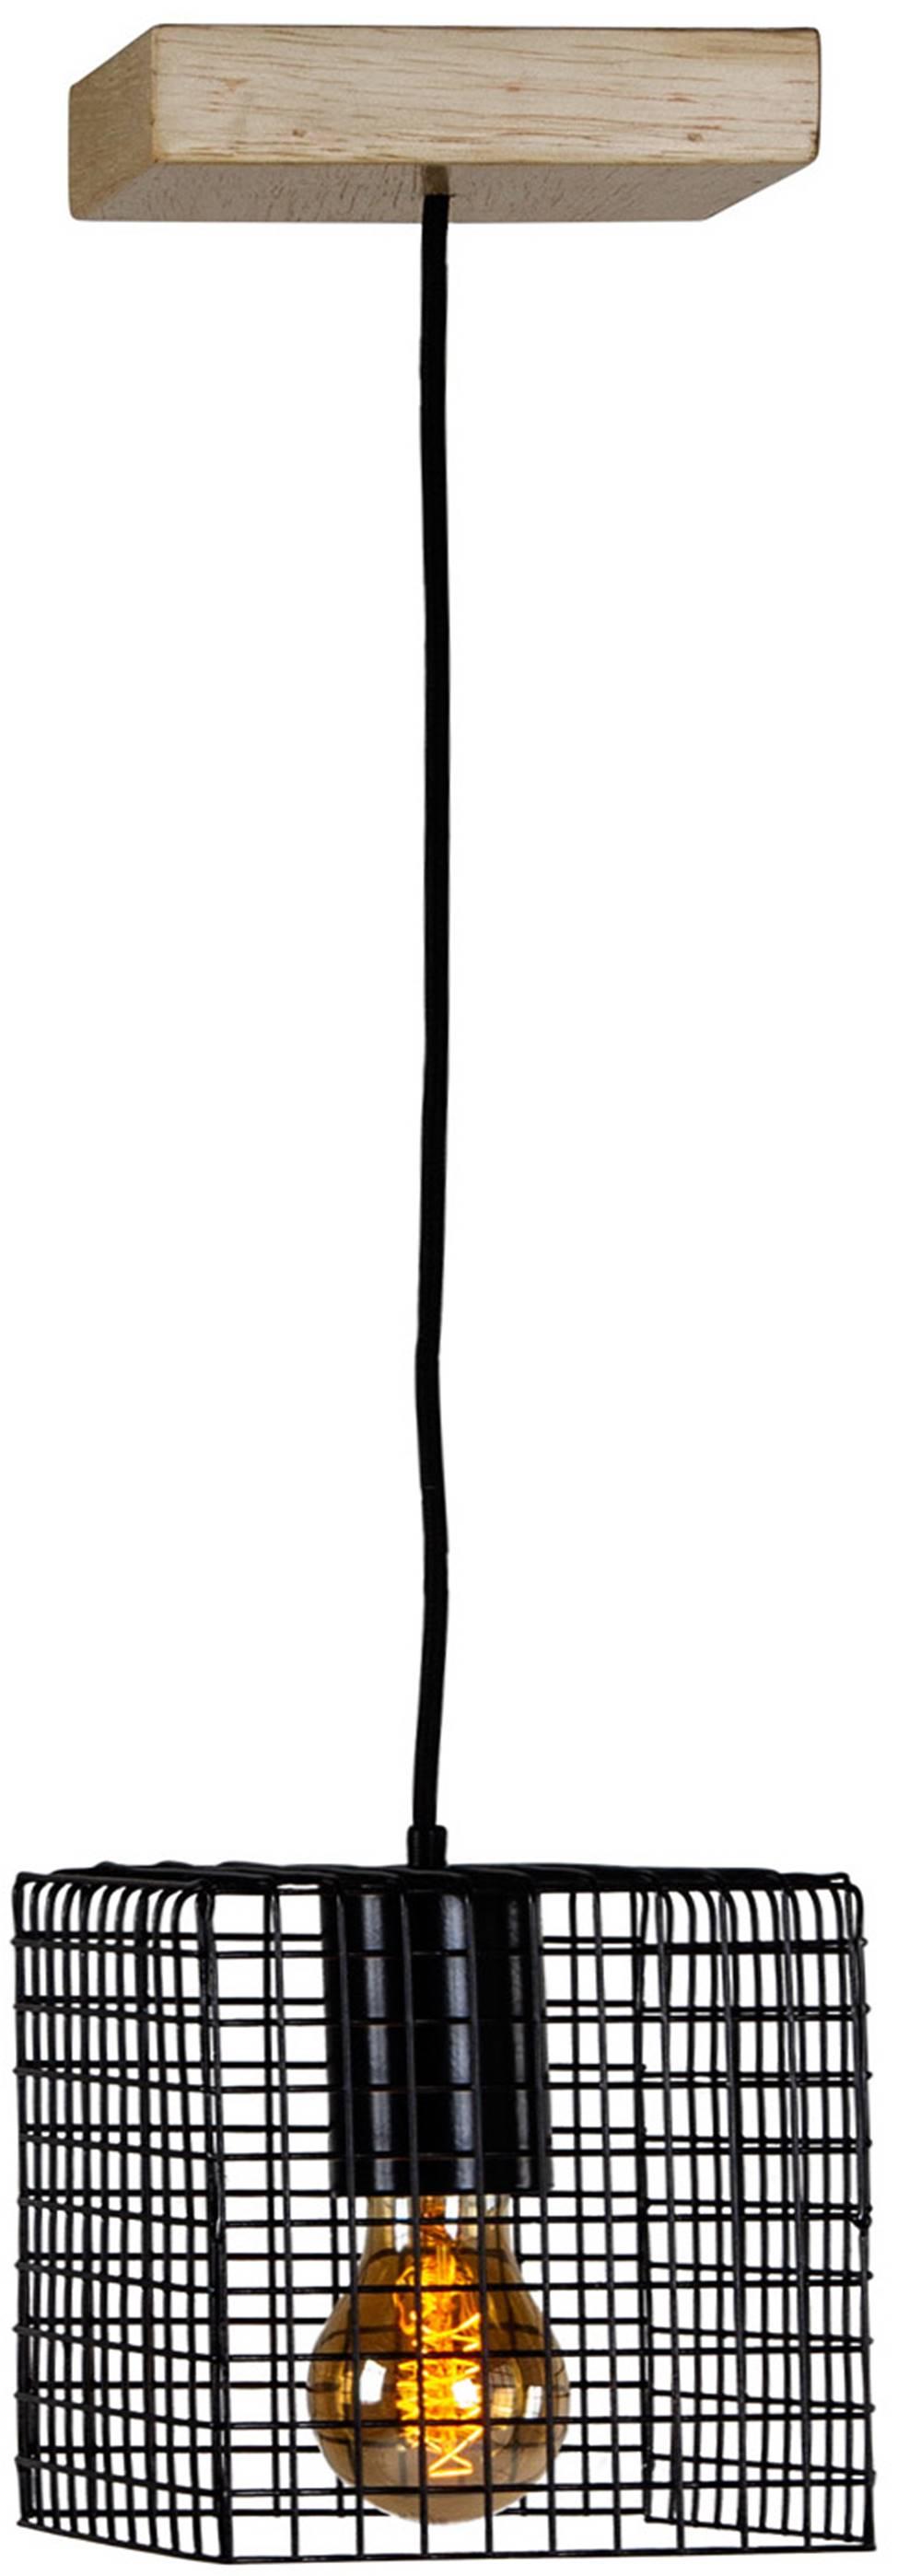 Luminaria Pendente Ogy Tela Quadrada Caixa Multilaminada cor Preto 0,15 cm (ALT)  - 54127